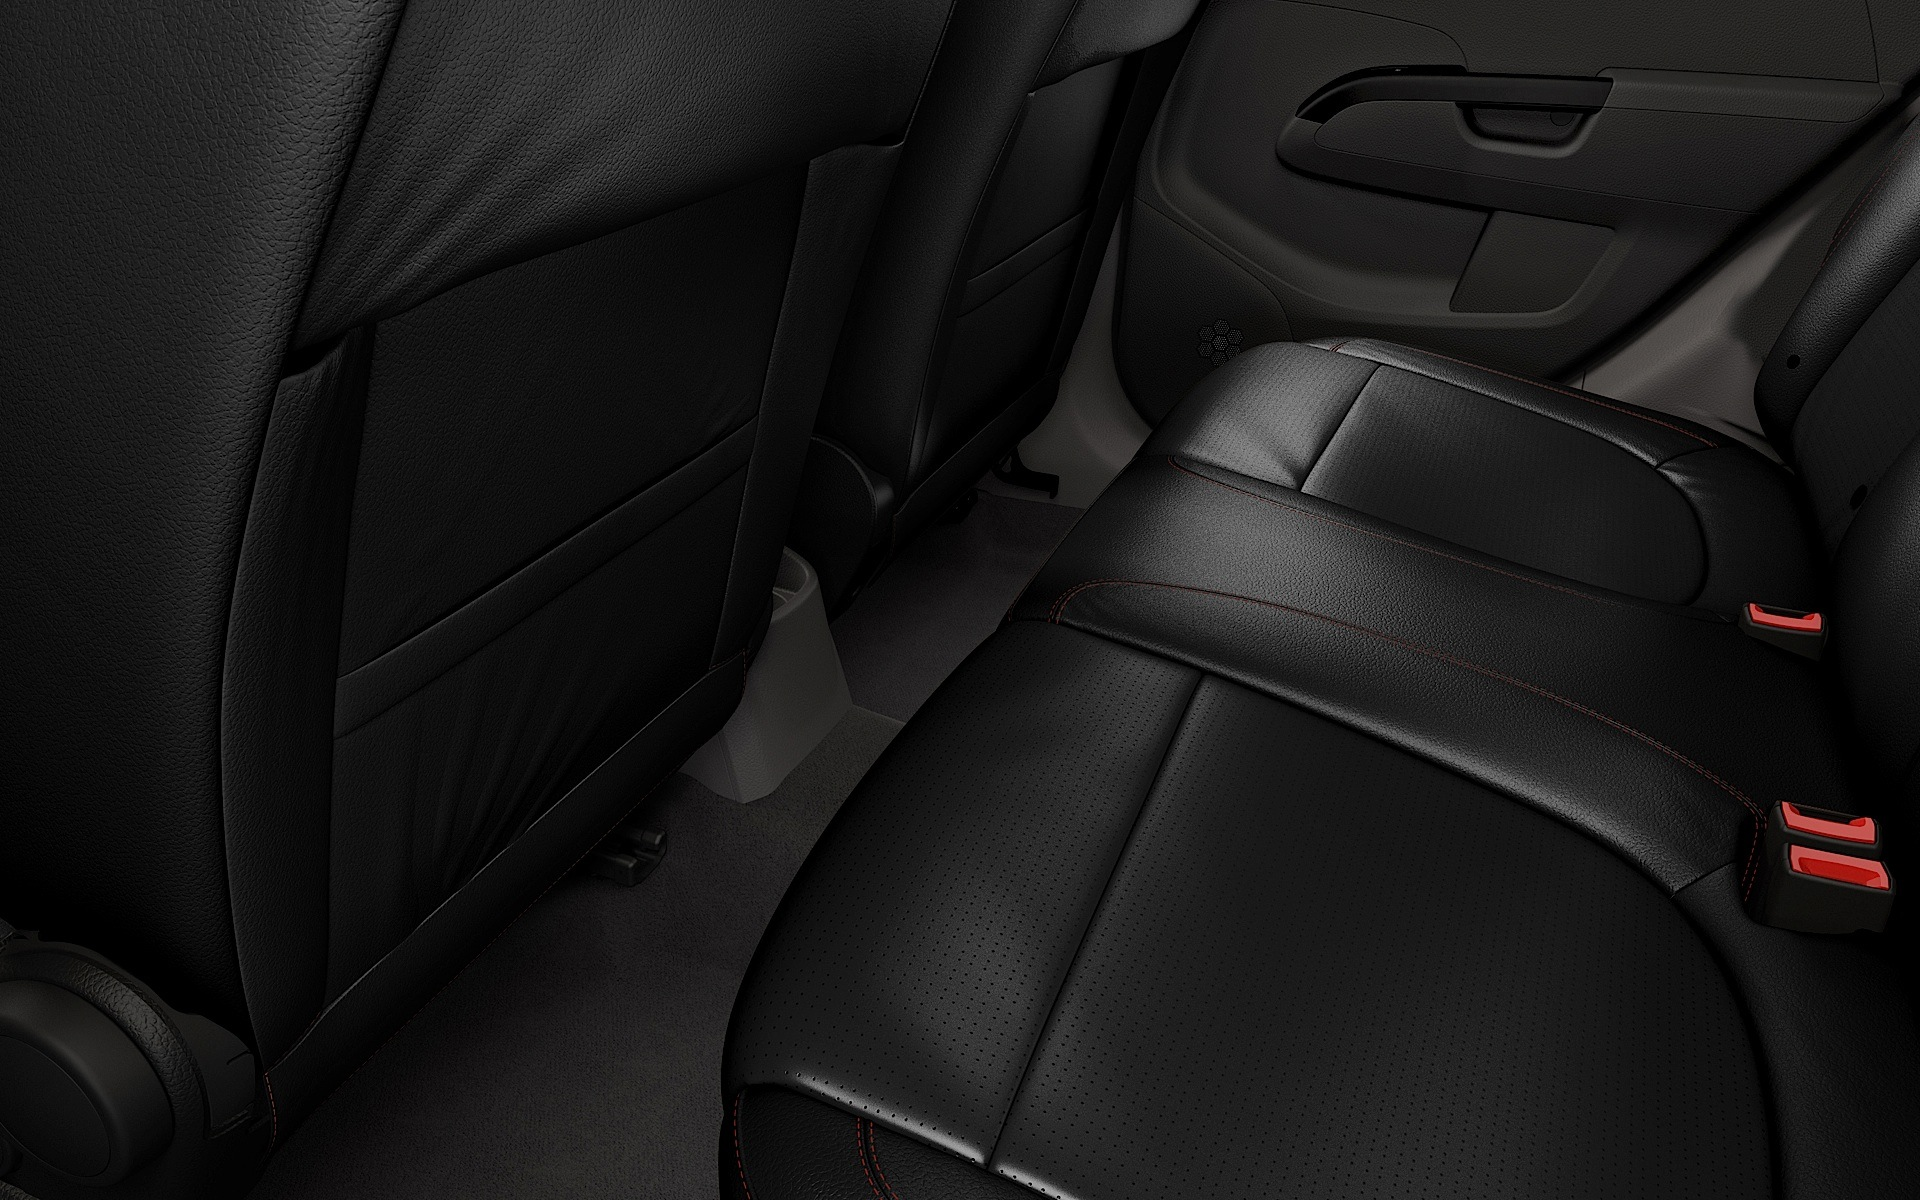 CHEVROLET Sonic Hatchback 5 Doors specs & photos - 2011 ...